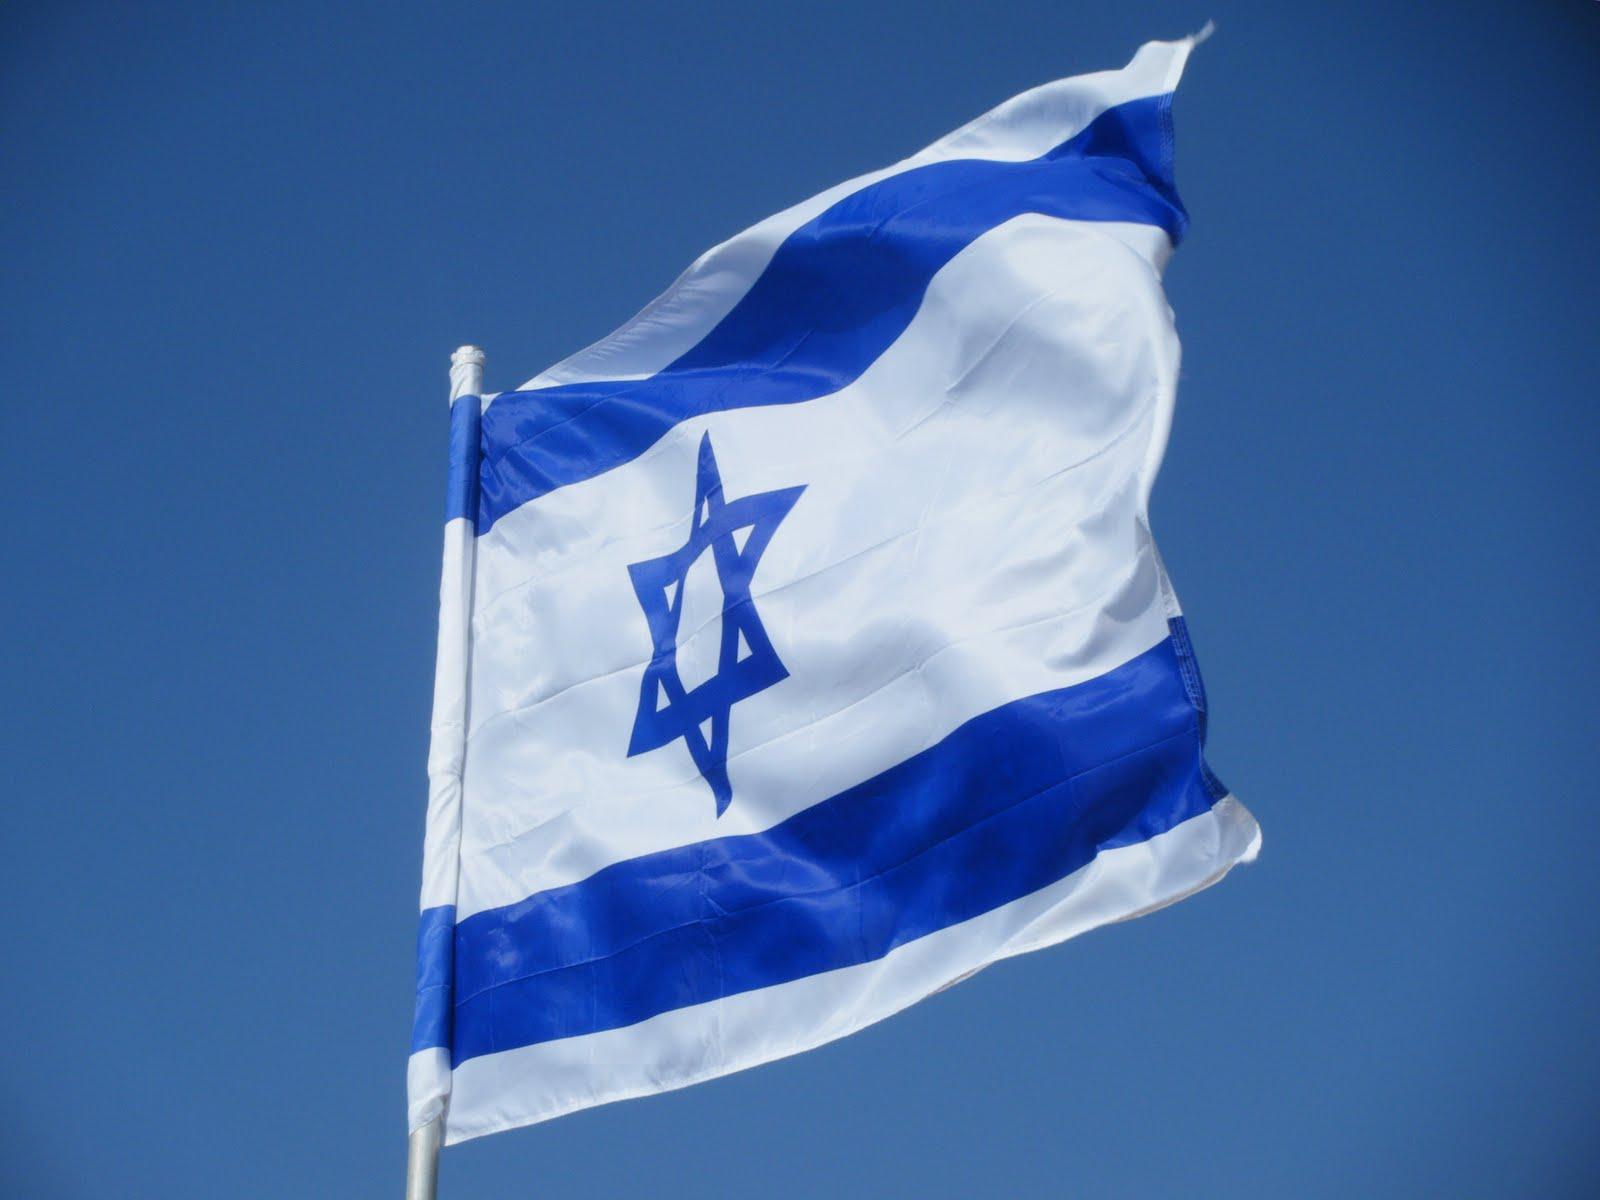 http://2.bp.blogspot.com/-_96NranXLWY/TcXTEvMpzZI/AAAAAAAAALQ/rZNI8gZzpPM/s1600/Caesraea+Israel+flag.JPG